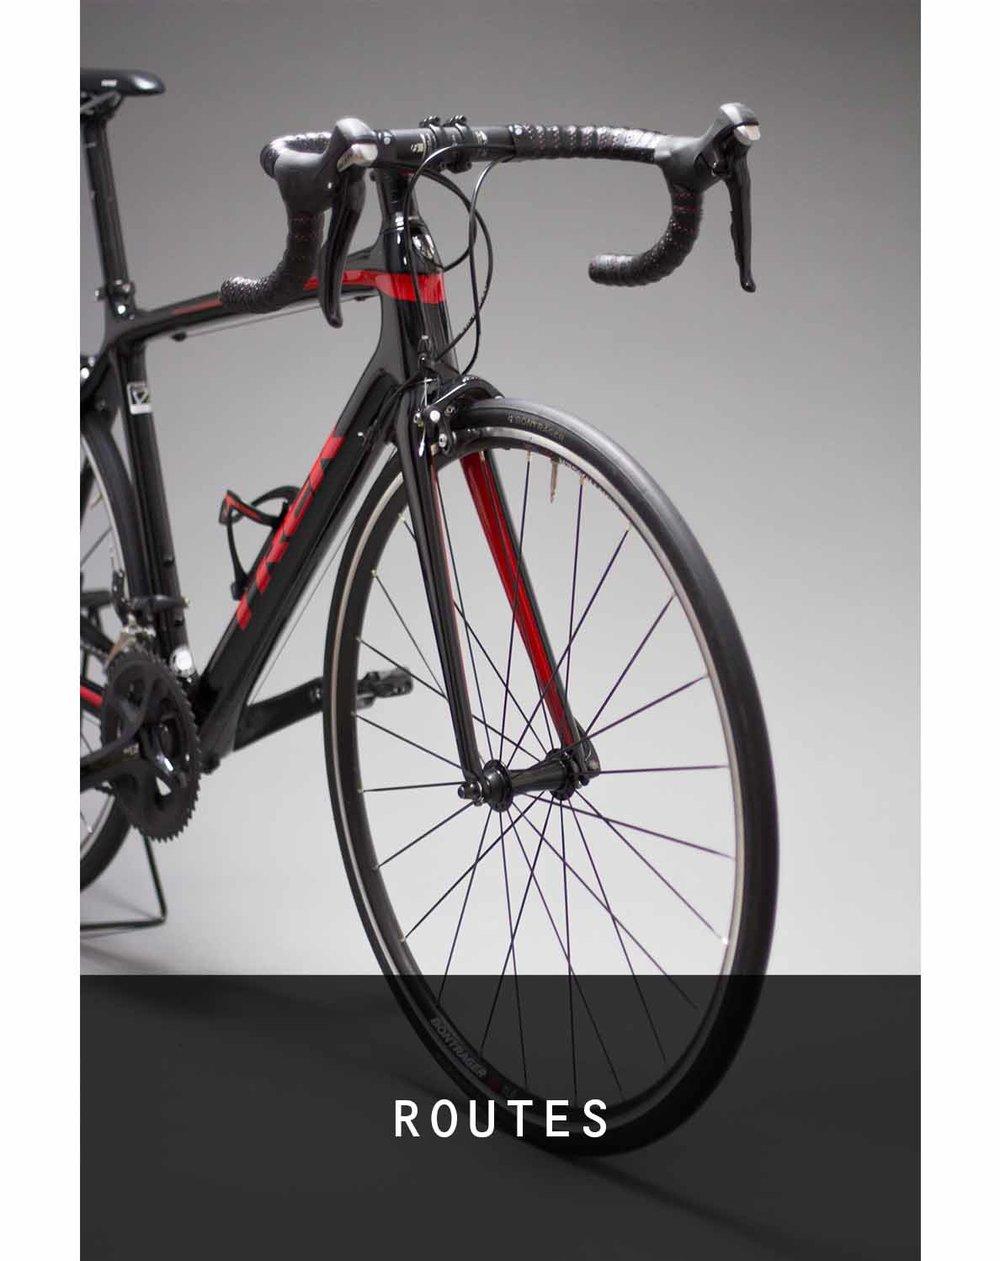 racefiets-routes/malaga-andalucia-spanje